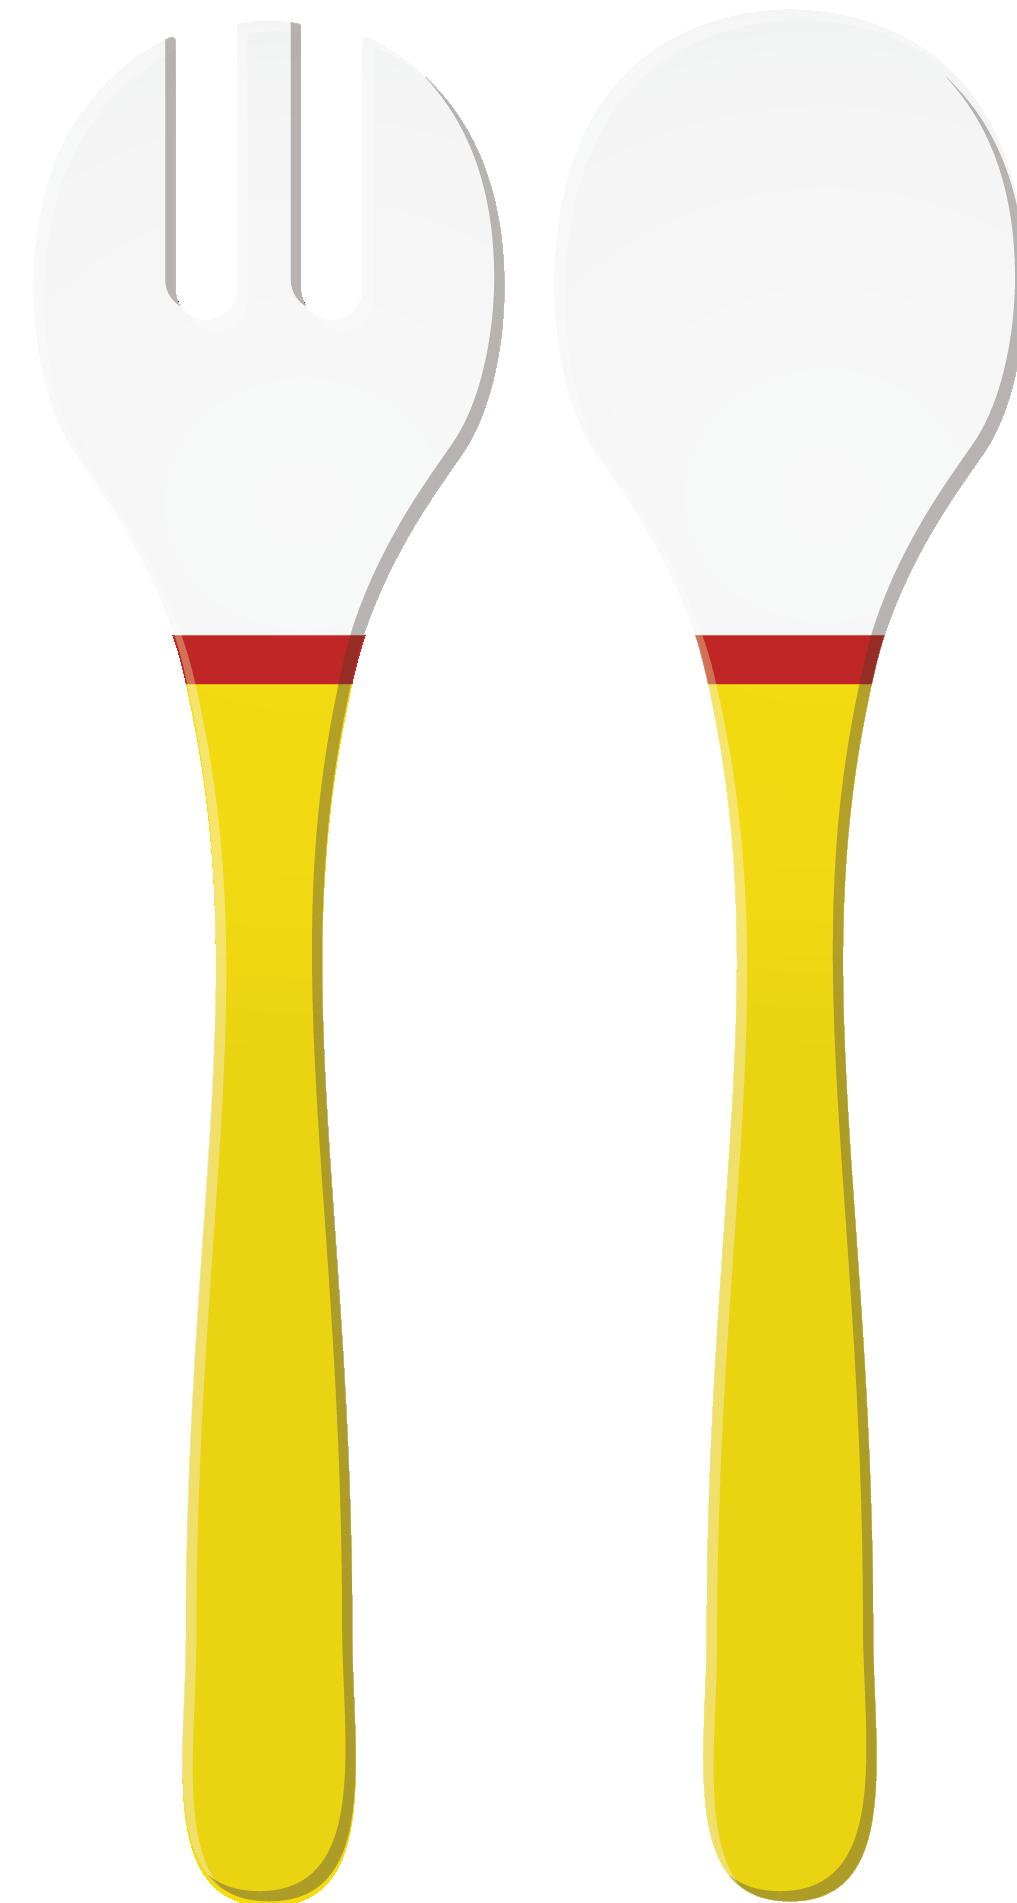 RIVIERA - Couverts à salade décorés - Jaune/Rouge